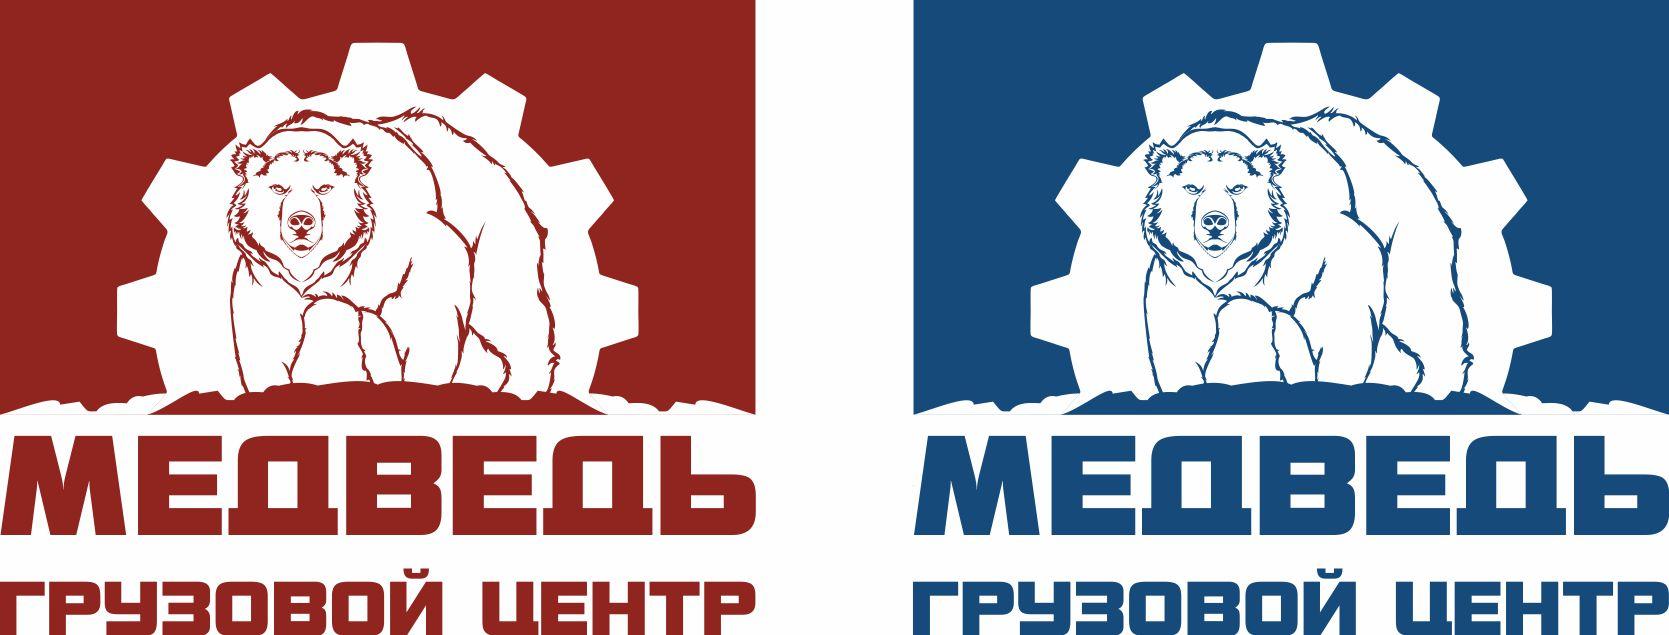 Разработка логотипа фото f_7895abe09b844458.jpg